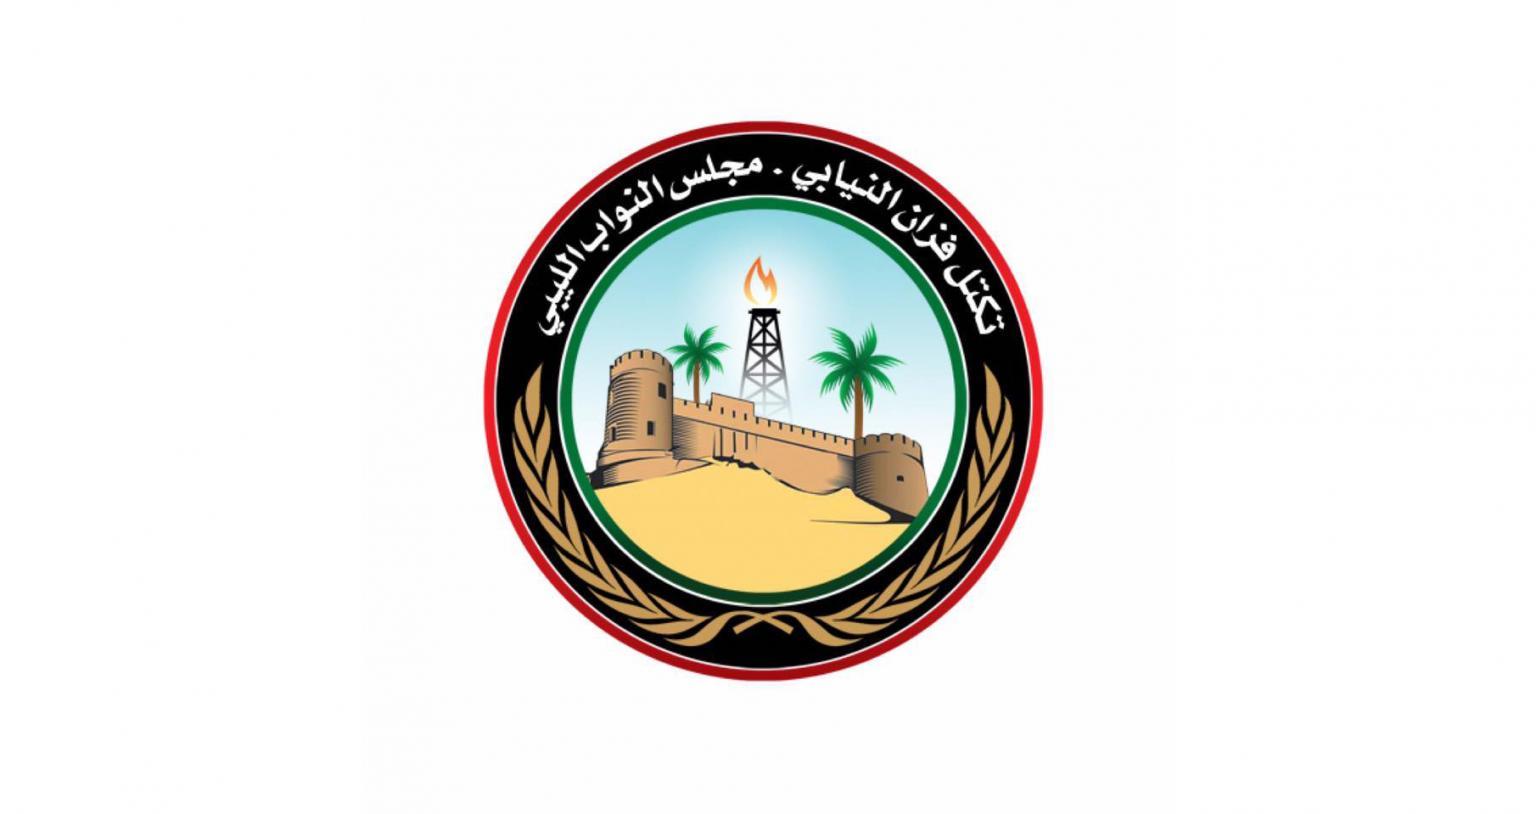 تكتل فزان النيابي يرفض دعوة رئاسة مجلس النواب لجلسة عادية يعقدها اليوم